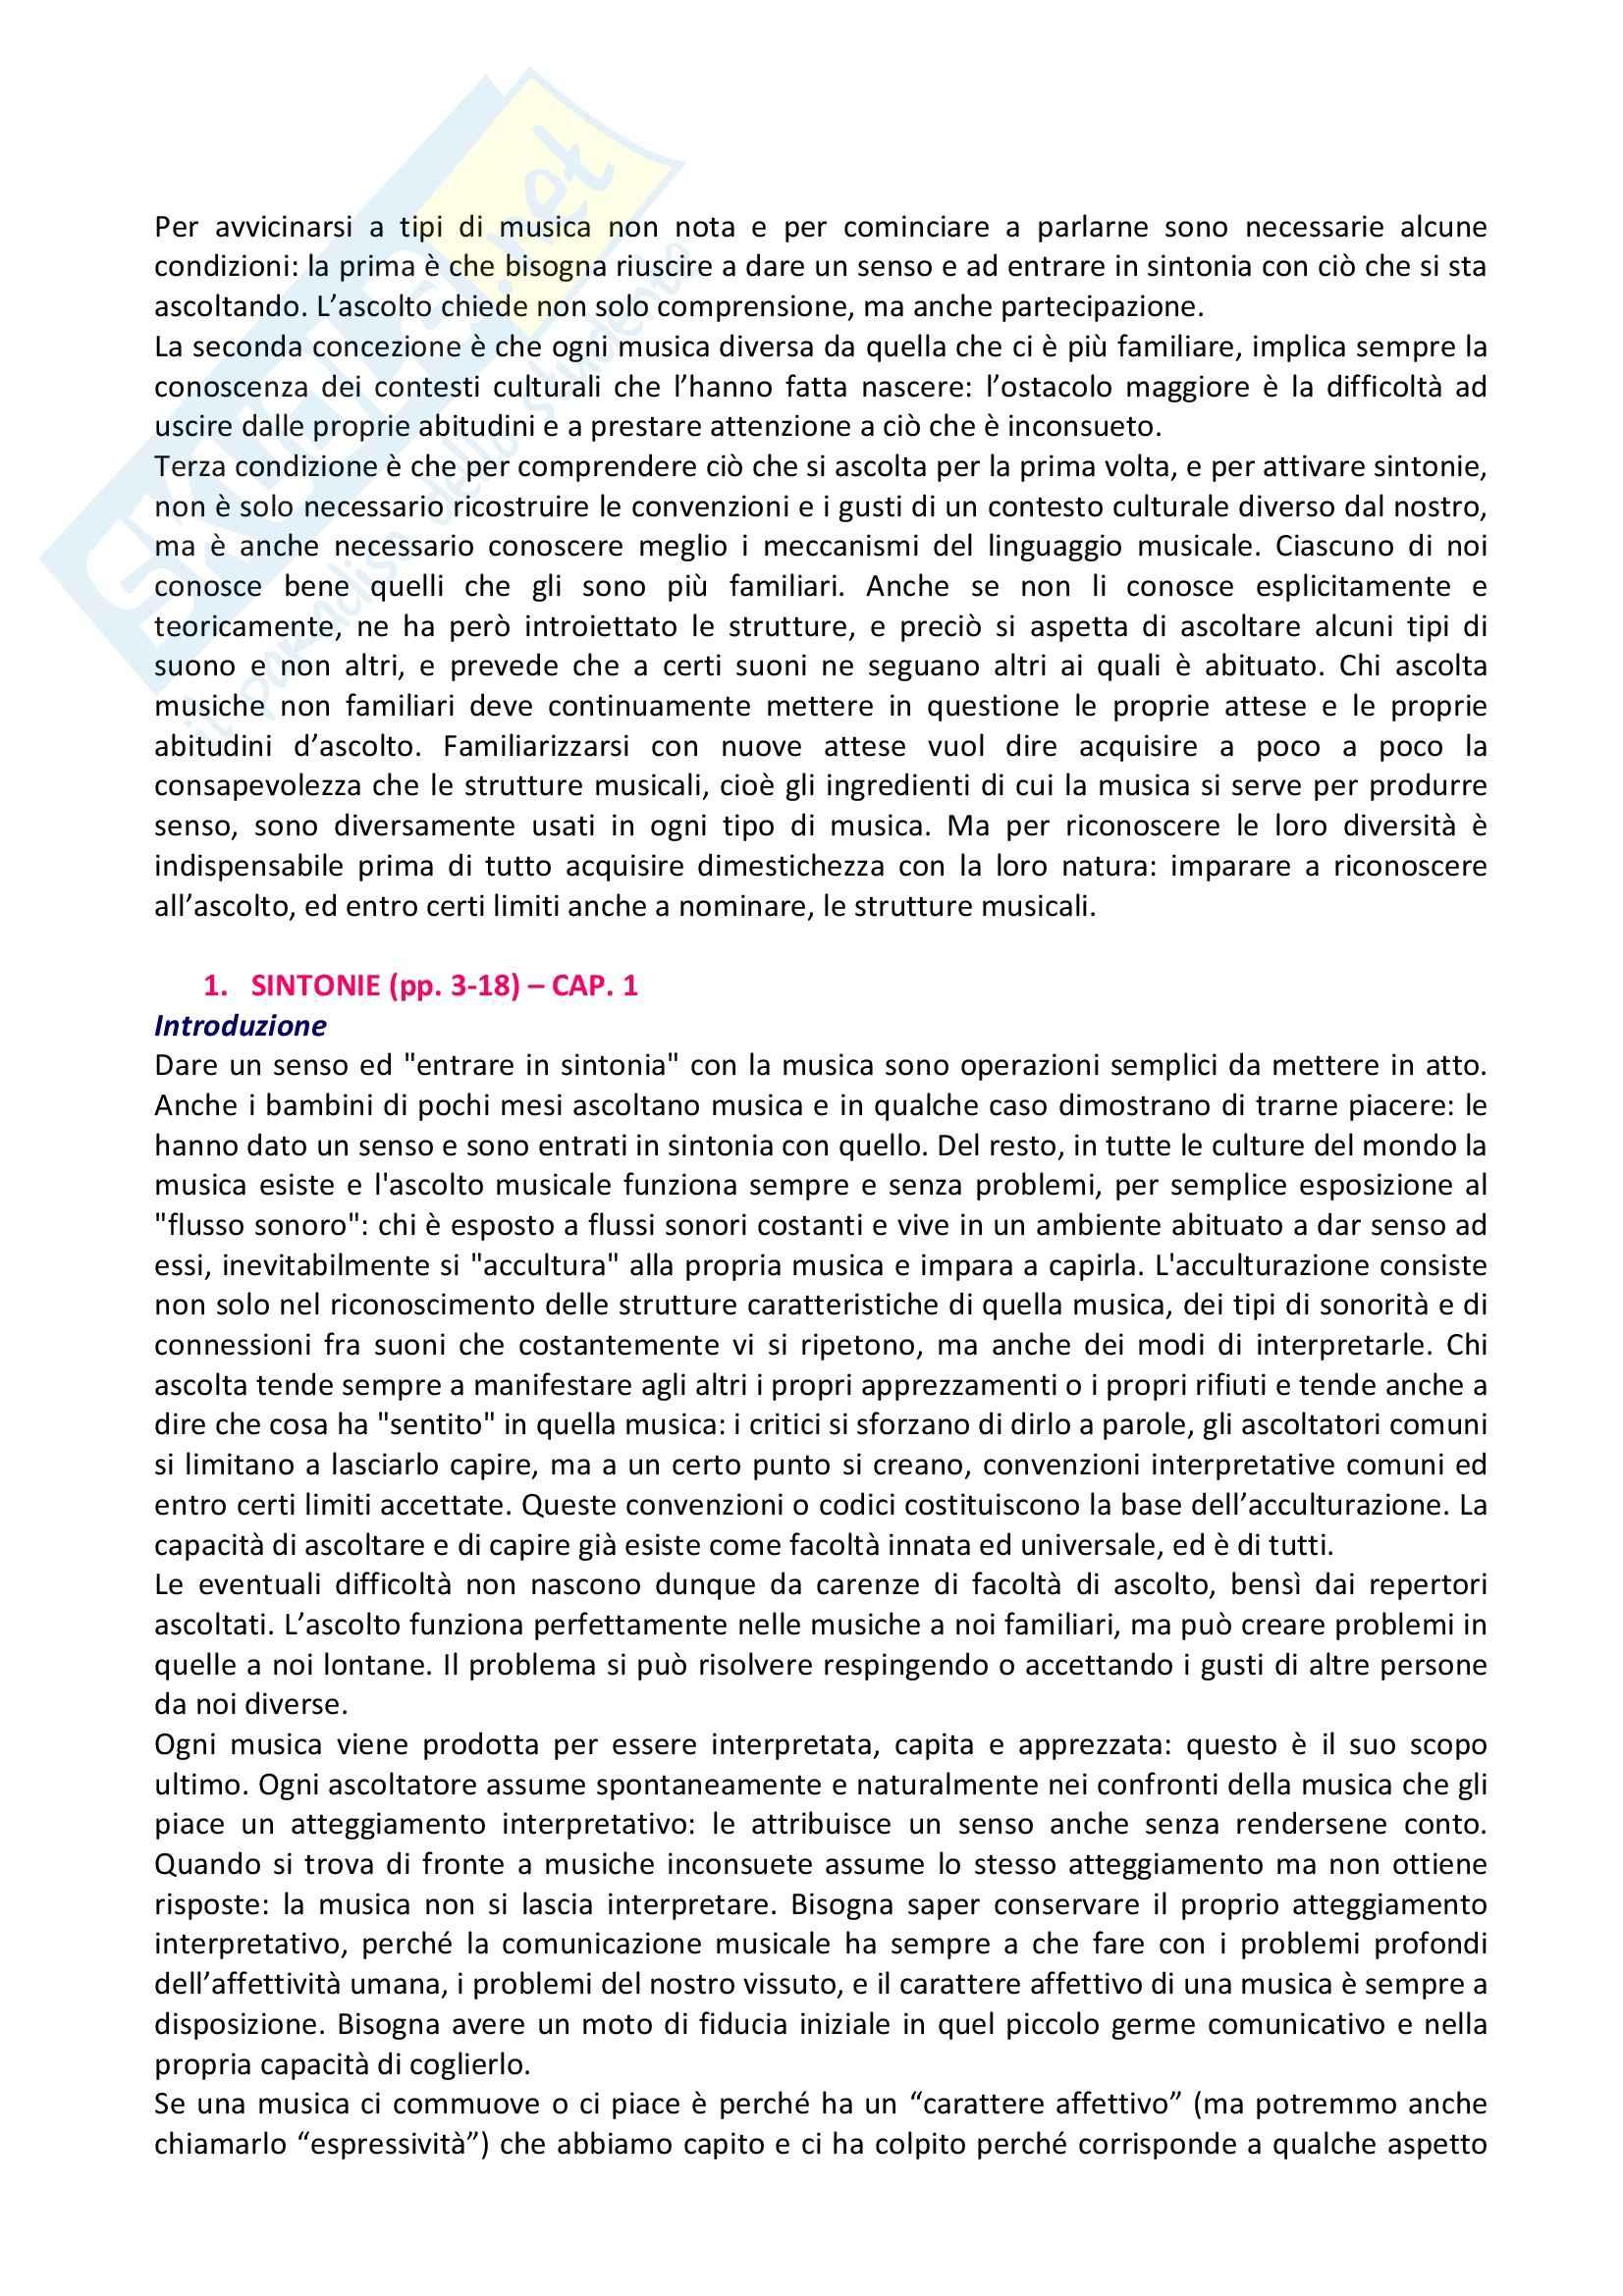 Riassunto esame Musica, prof. indefinito, libro consigliato L'Orecchio Intelligente, Baroni